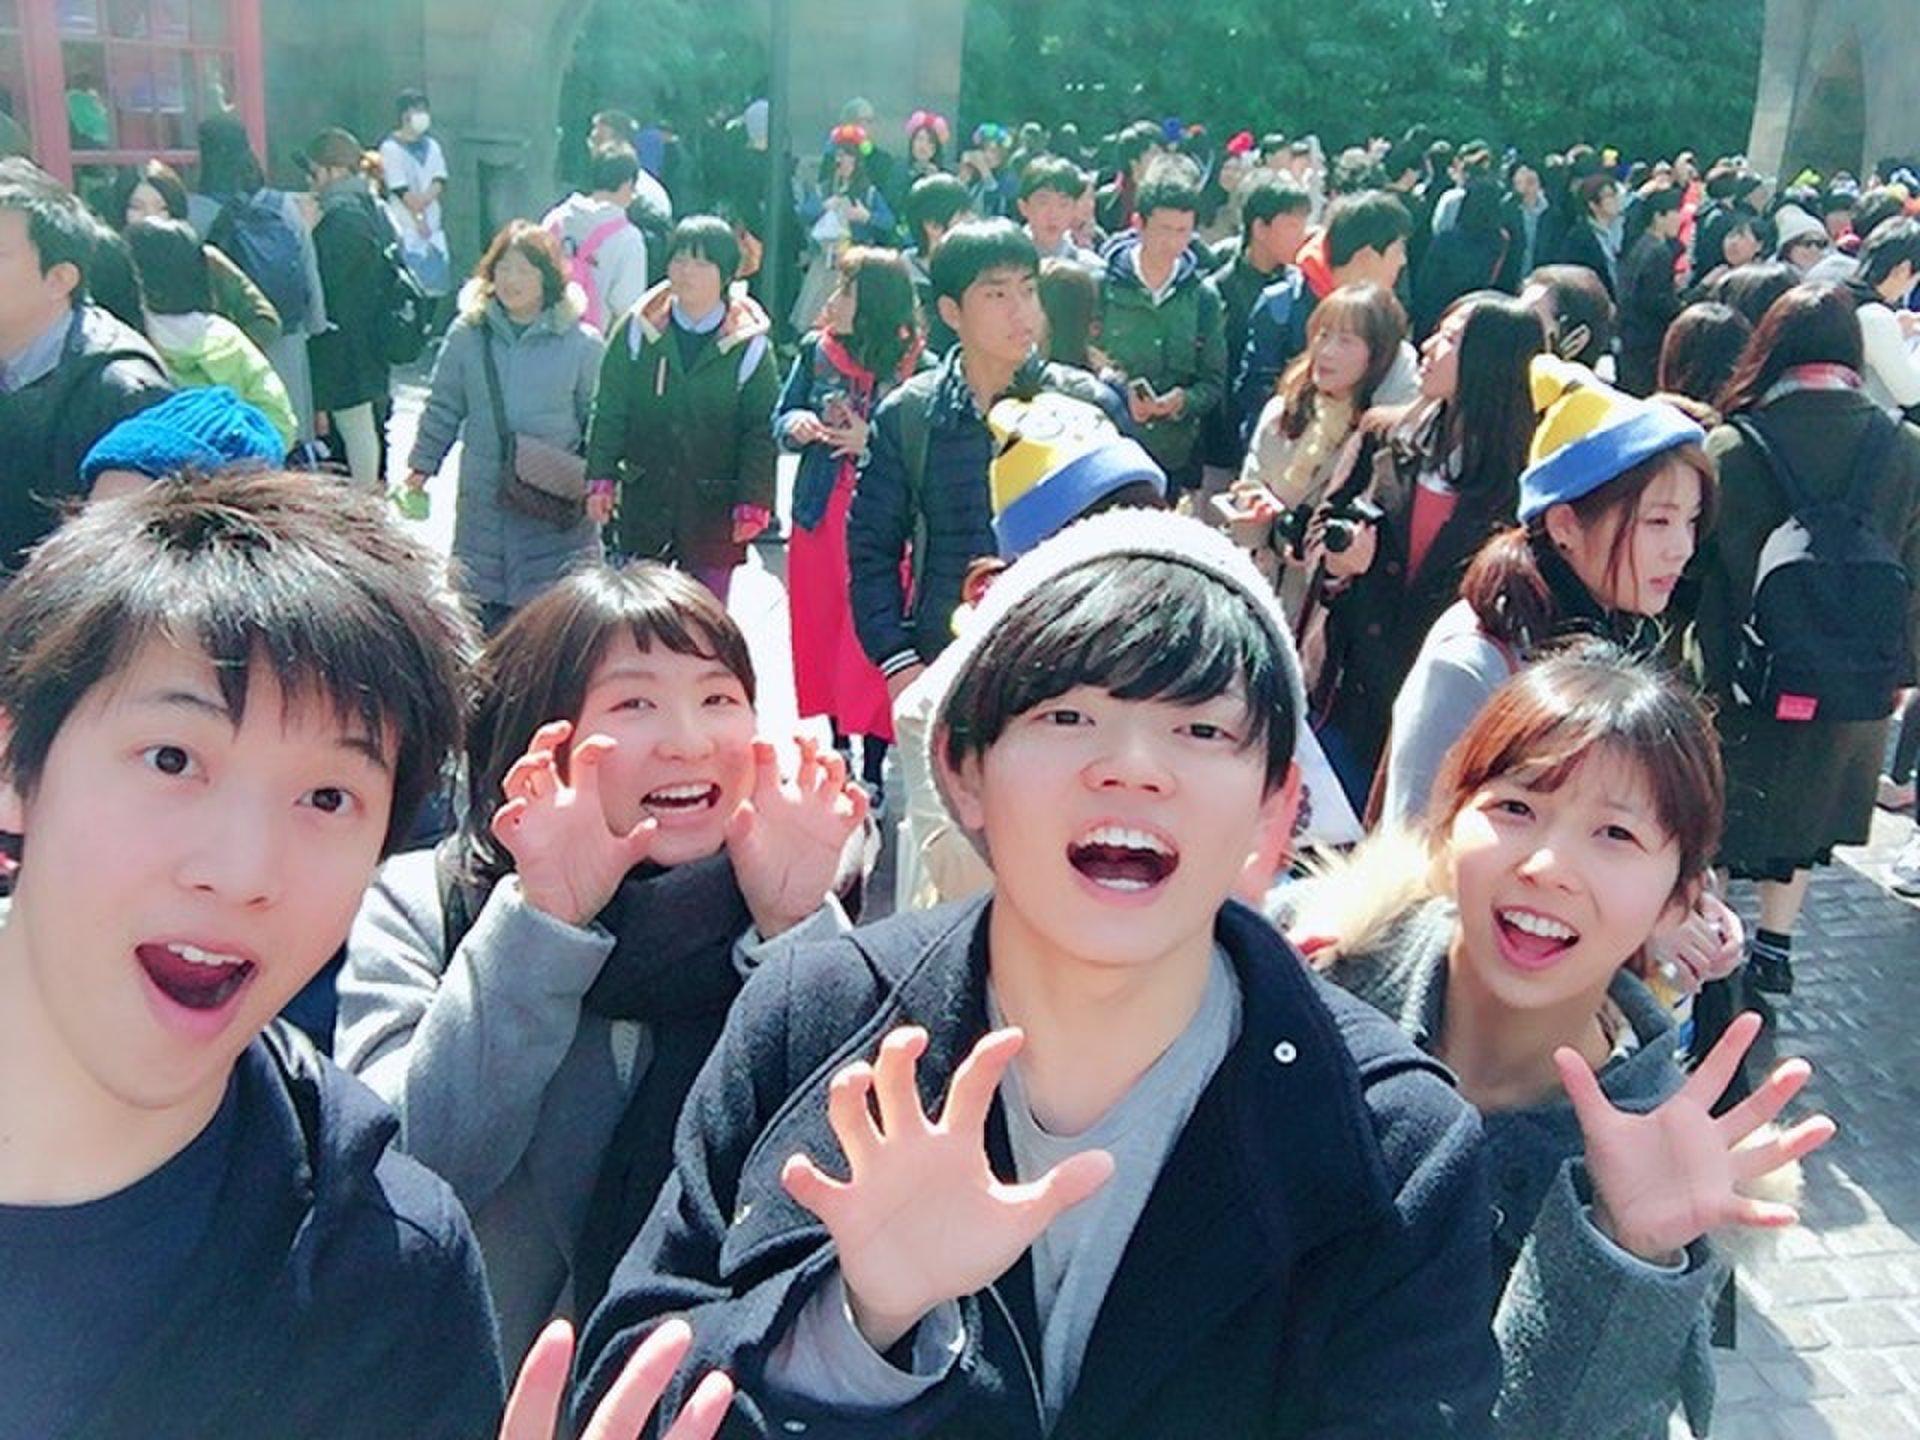 みんなで行けば数倍楽しい!大人数のための大阪観光プラン♪おすすめホテルもご紹介。